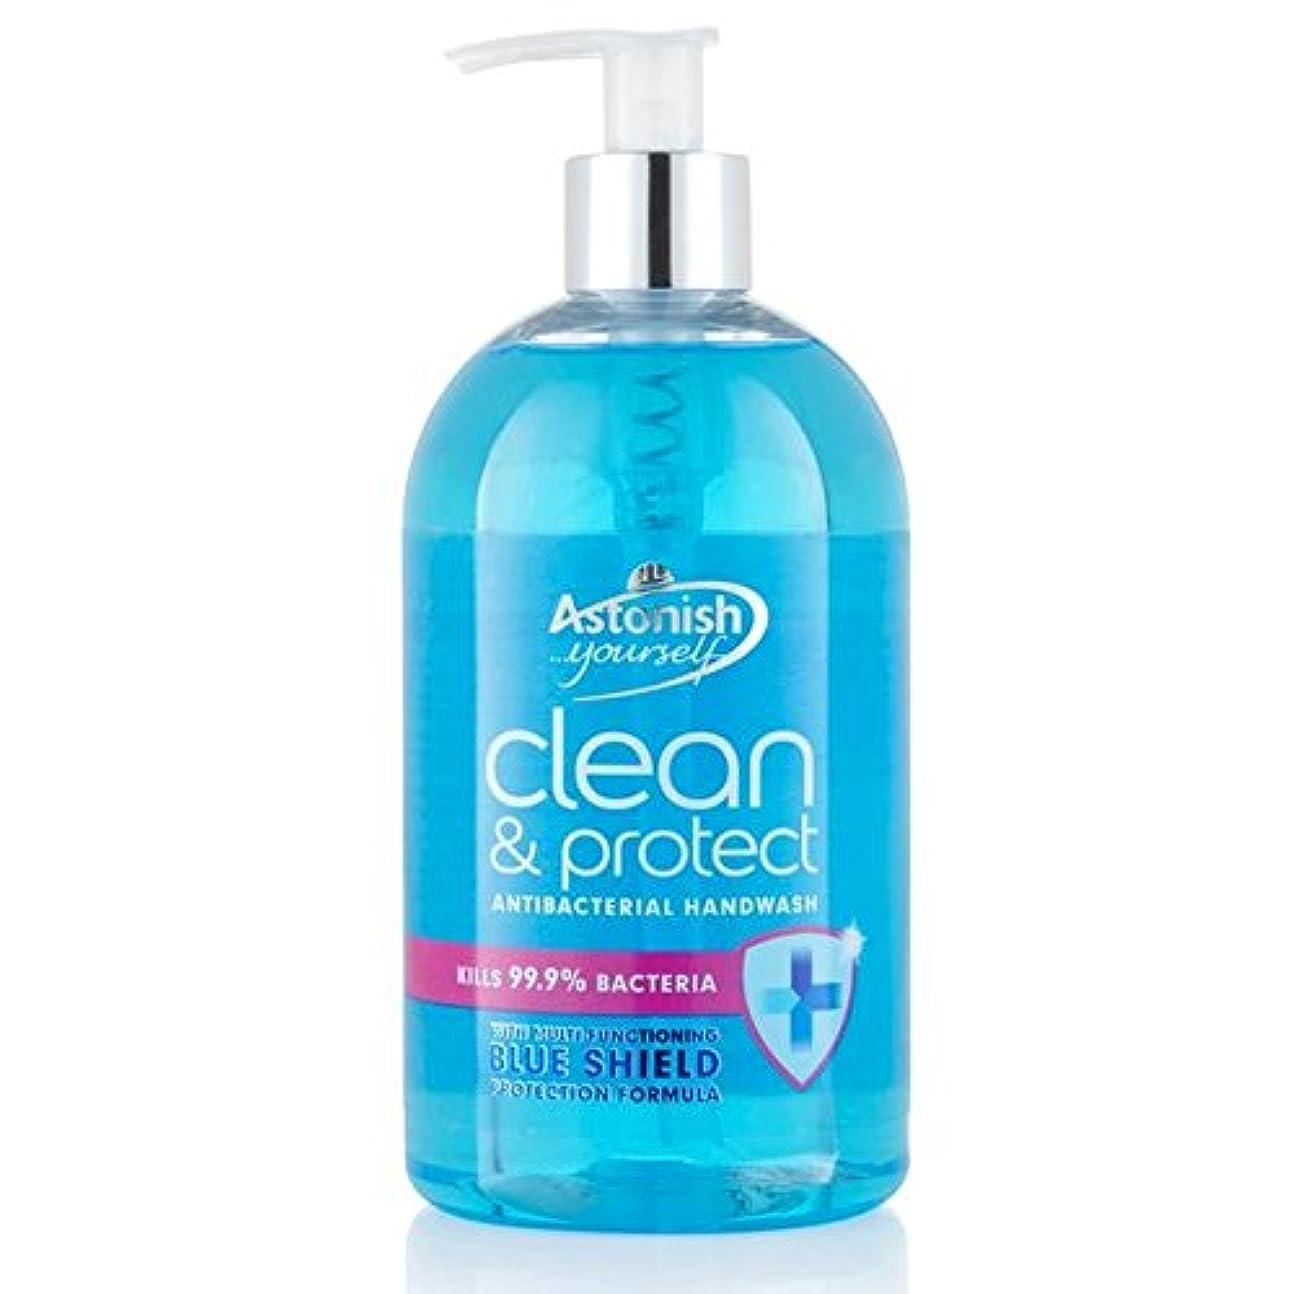 公爵ぴかぴか解放Astonish Clean & Protect Hand Wash 500ml (Pack of 6) - クリーン驚か&ハンドウォッシュ500ミリリットルを保護 x6 [並行輸入品]